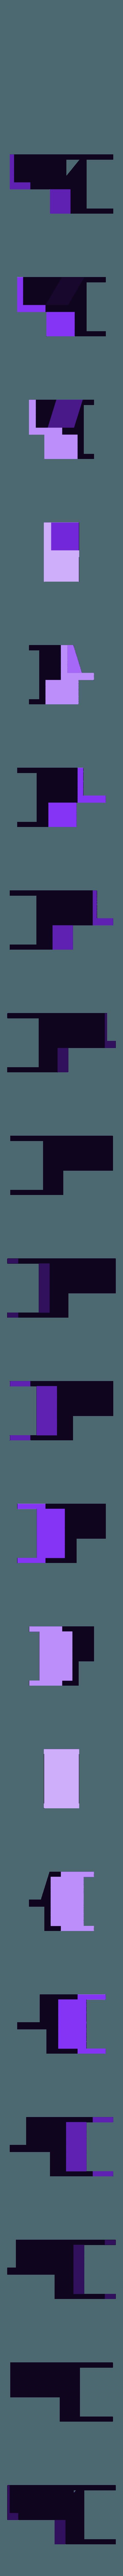 mounting_bracket1.stl Télécharger fichier STL gratuit Extrudeuse à engrenages utilisant le pilote d'extrudeuse M8 • Plan pour imprimante 3D, Job